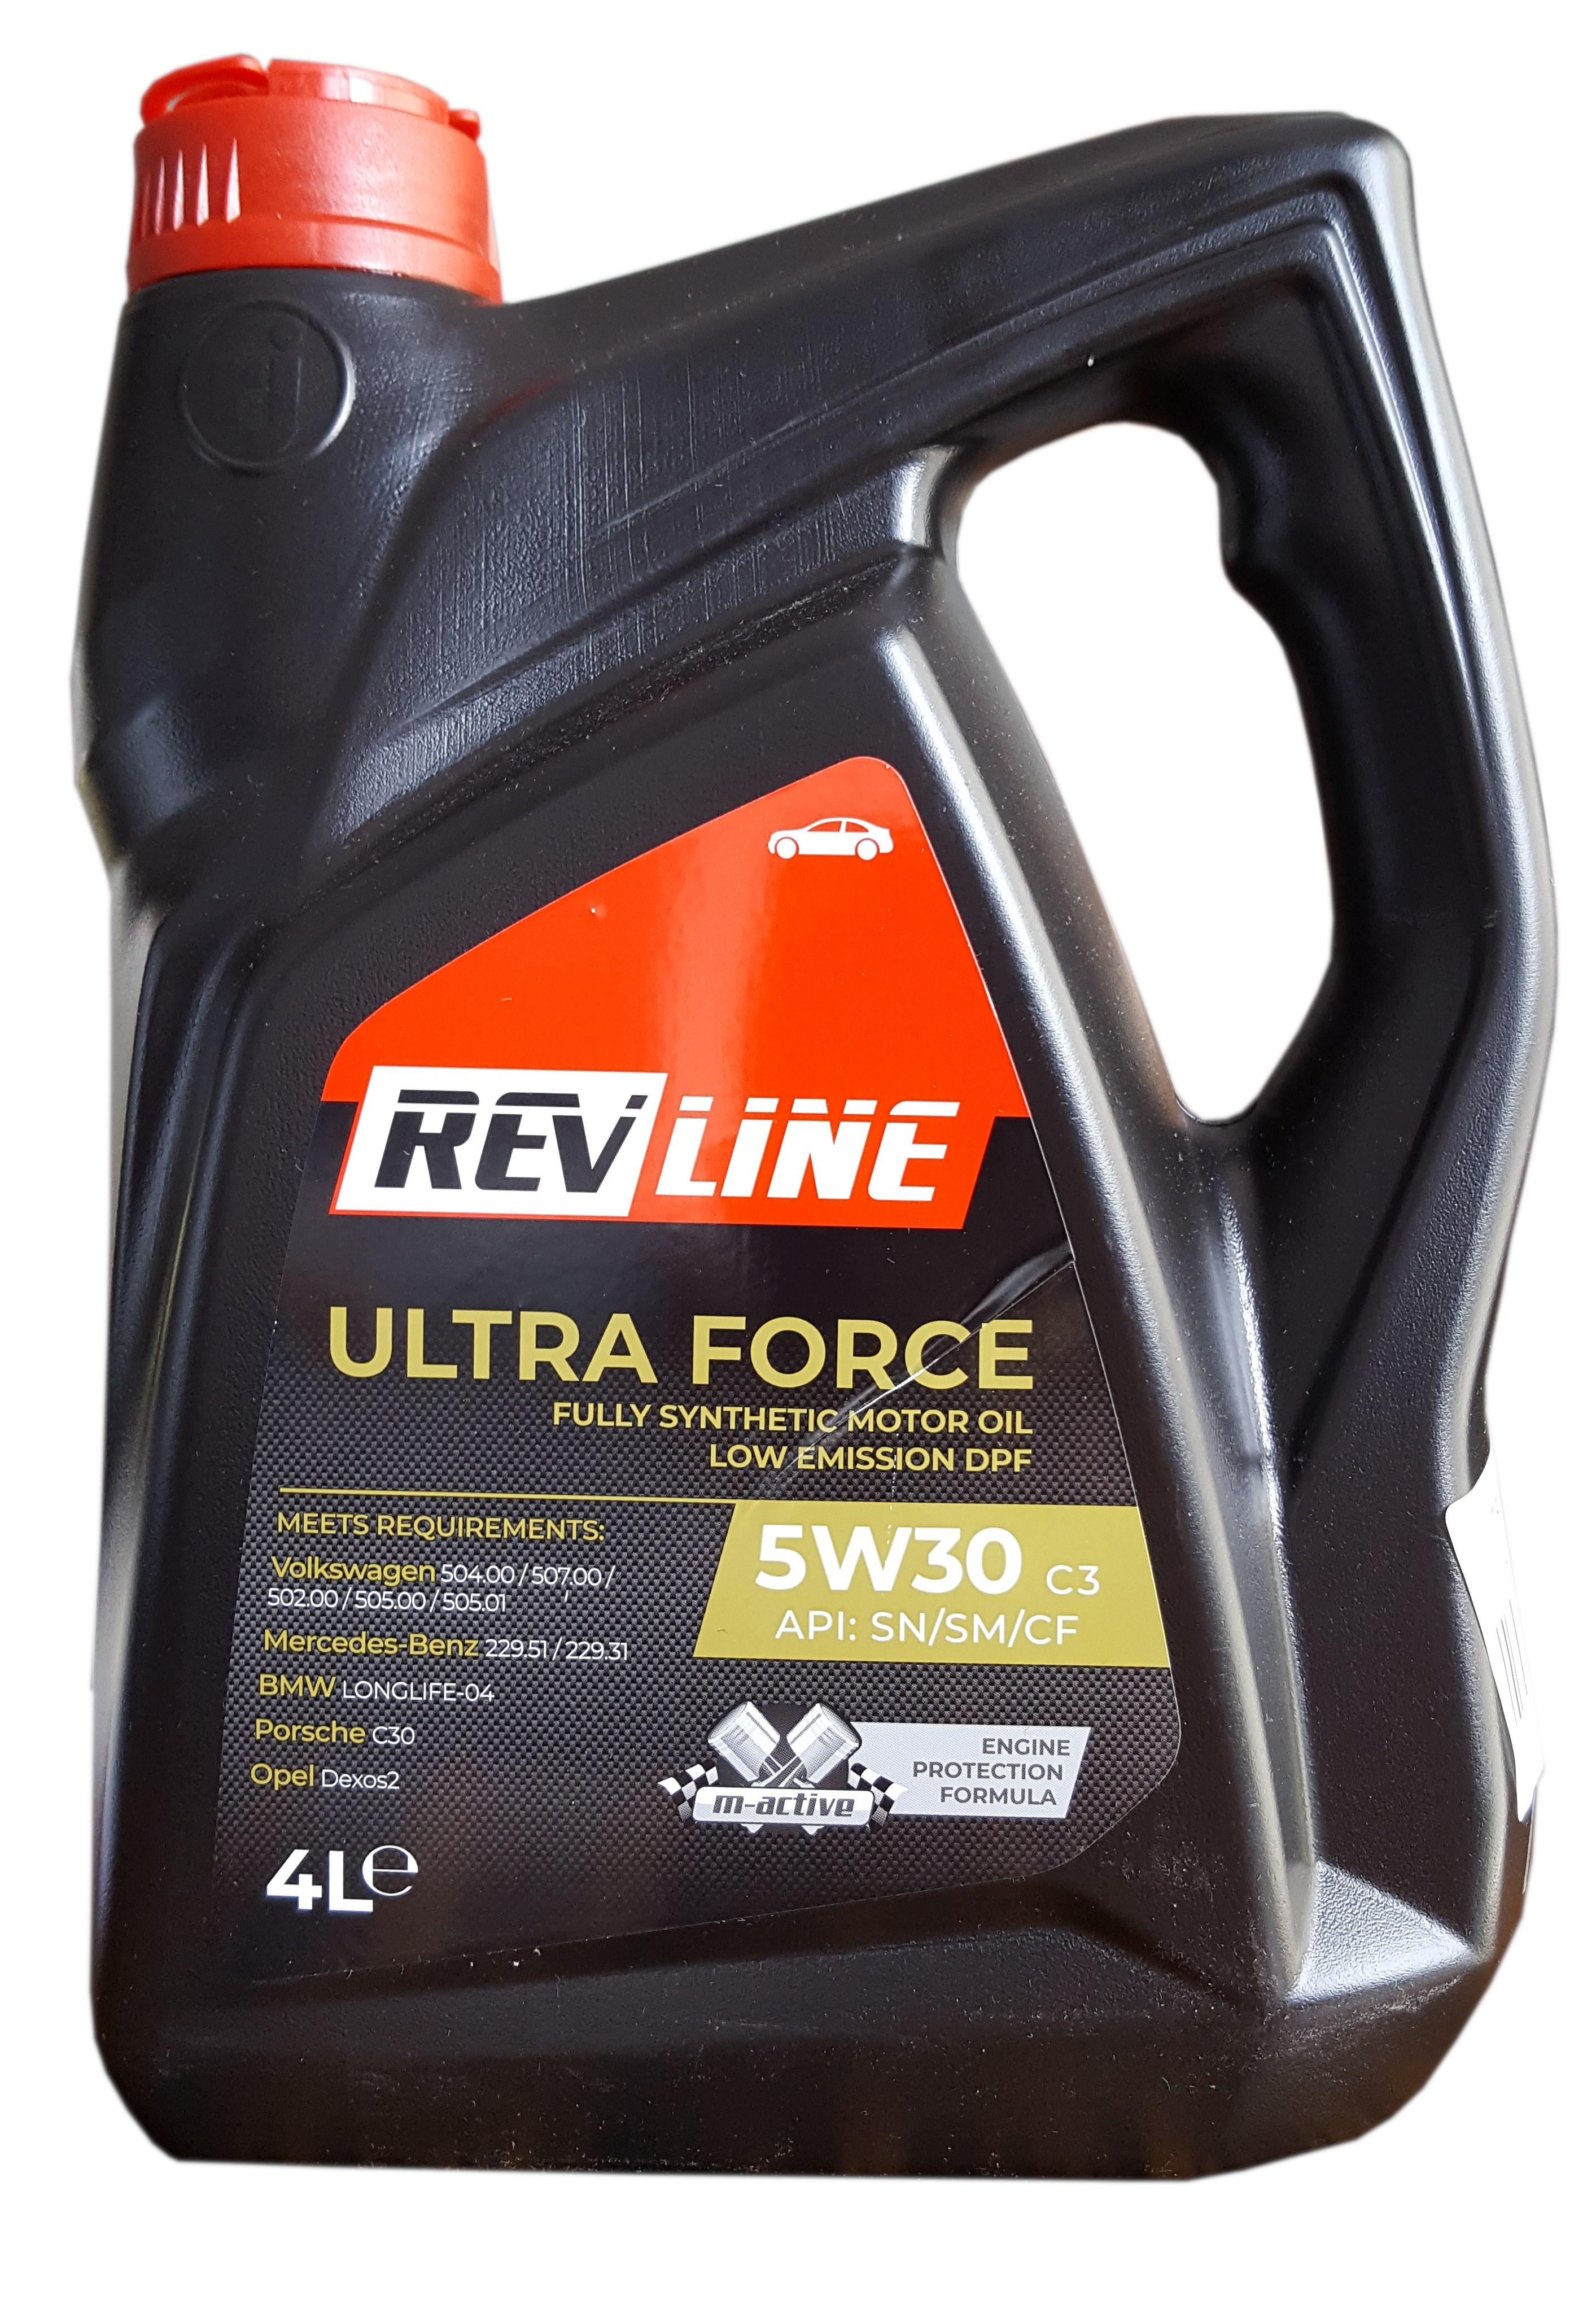 REVLINE ULTRA FORCE C3 5W/30  4 L REVLINE 5W30 C3 504 507 4-K/